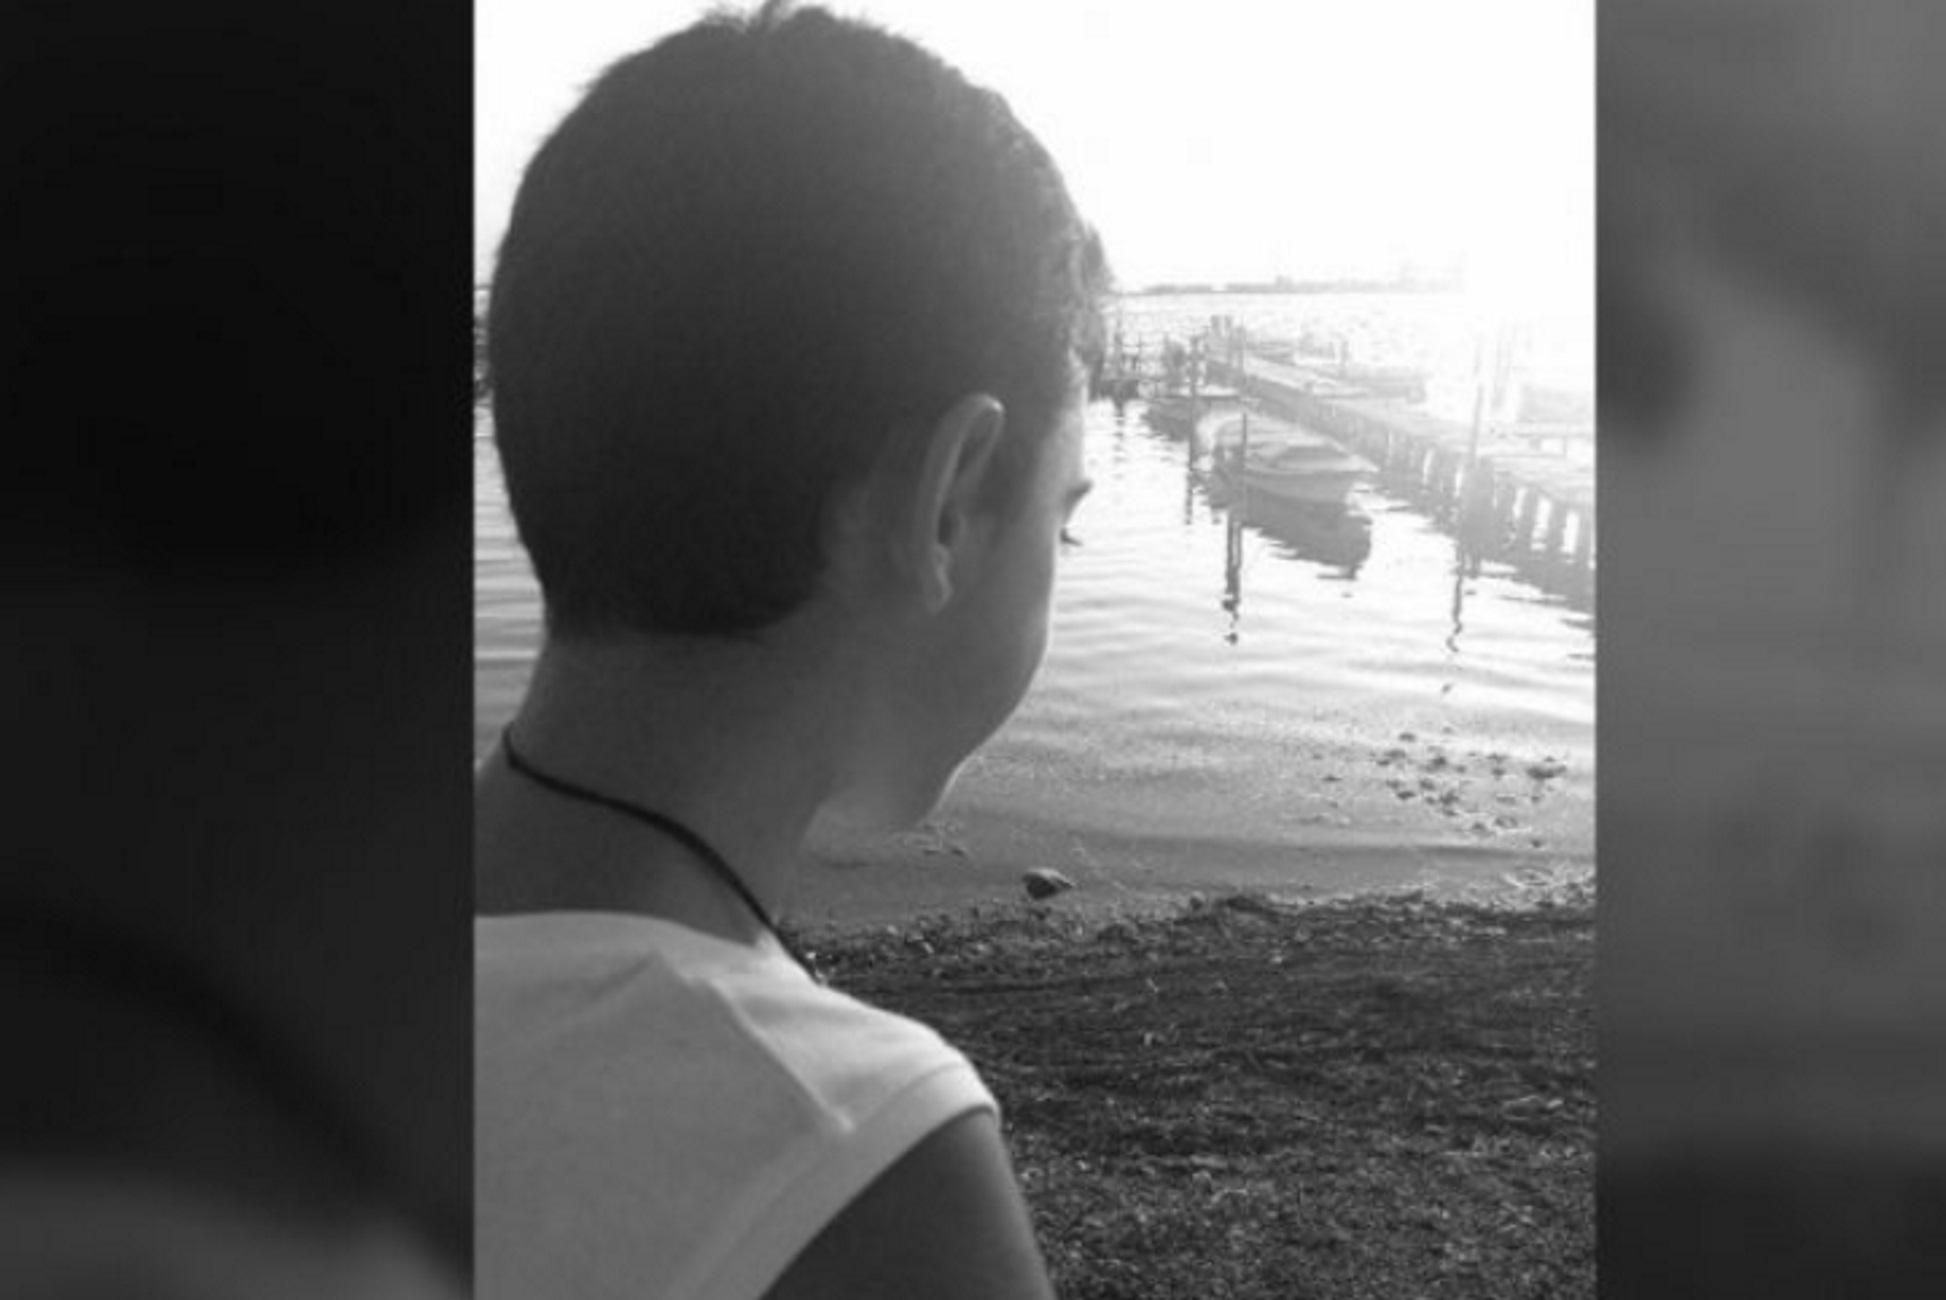 Μεσολόγγι: Συγκλονίζει η μητέρα του 16χρονου Βασίλη που έπεσε και σκοτώθηκε από τον τρίτο όροφο πολυκατοικίας!